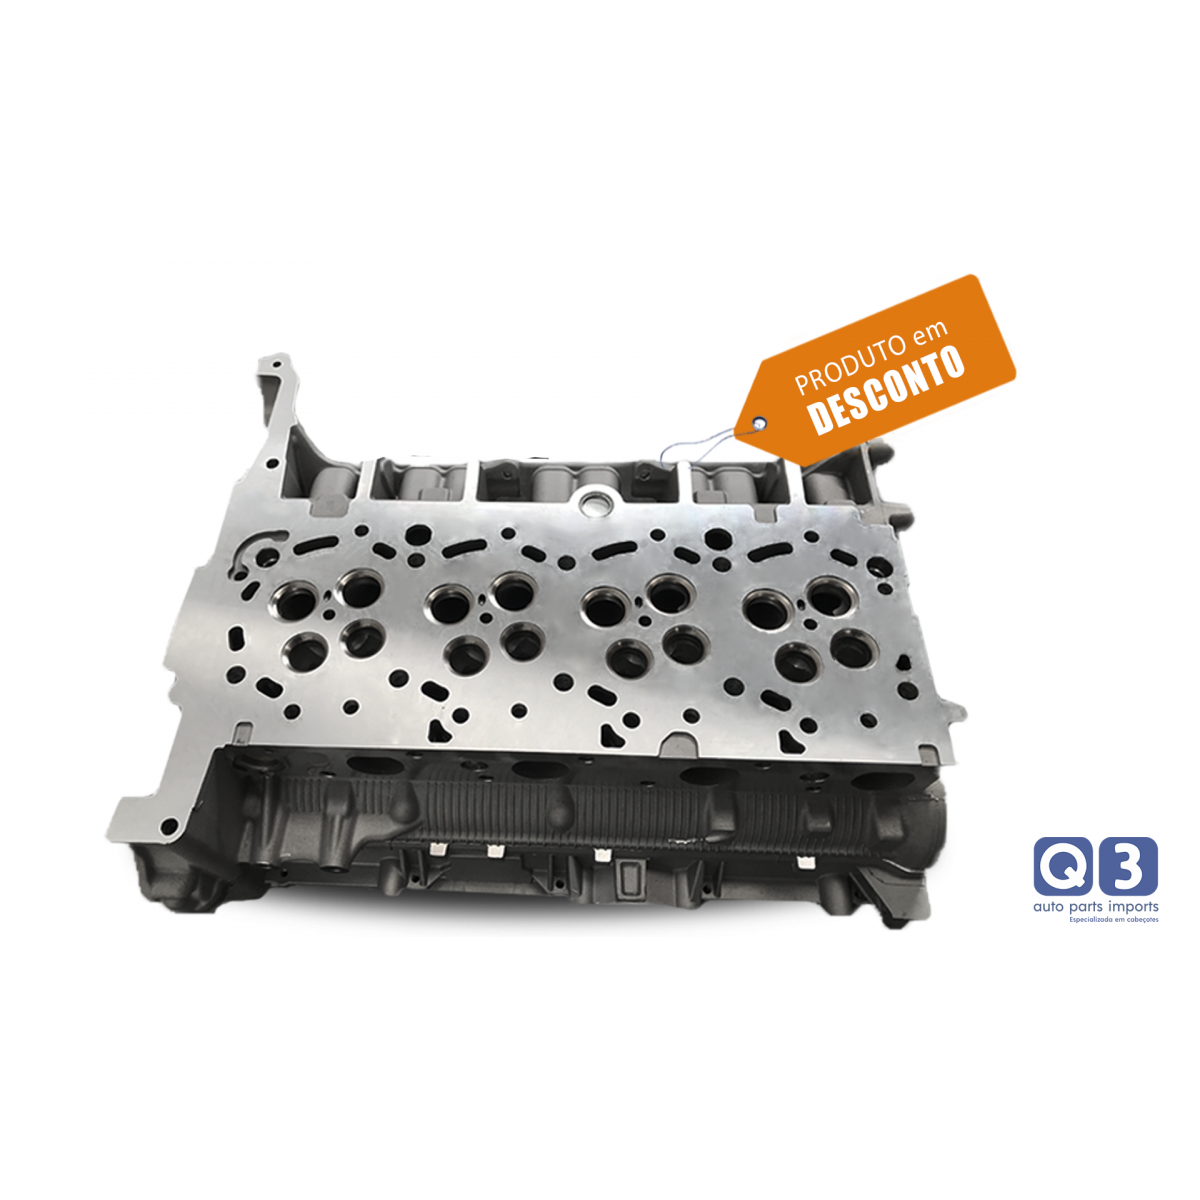 Cabeçote Ford Transit 2.4 16V motor Duratorq Novo